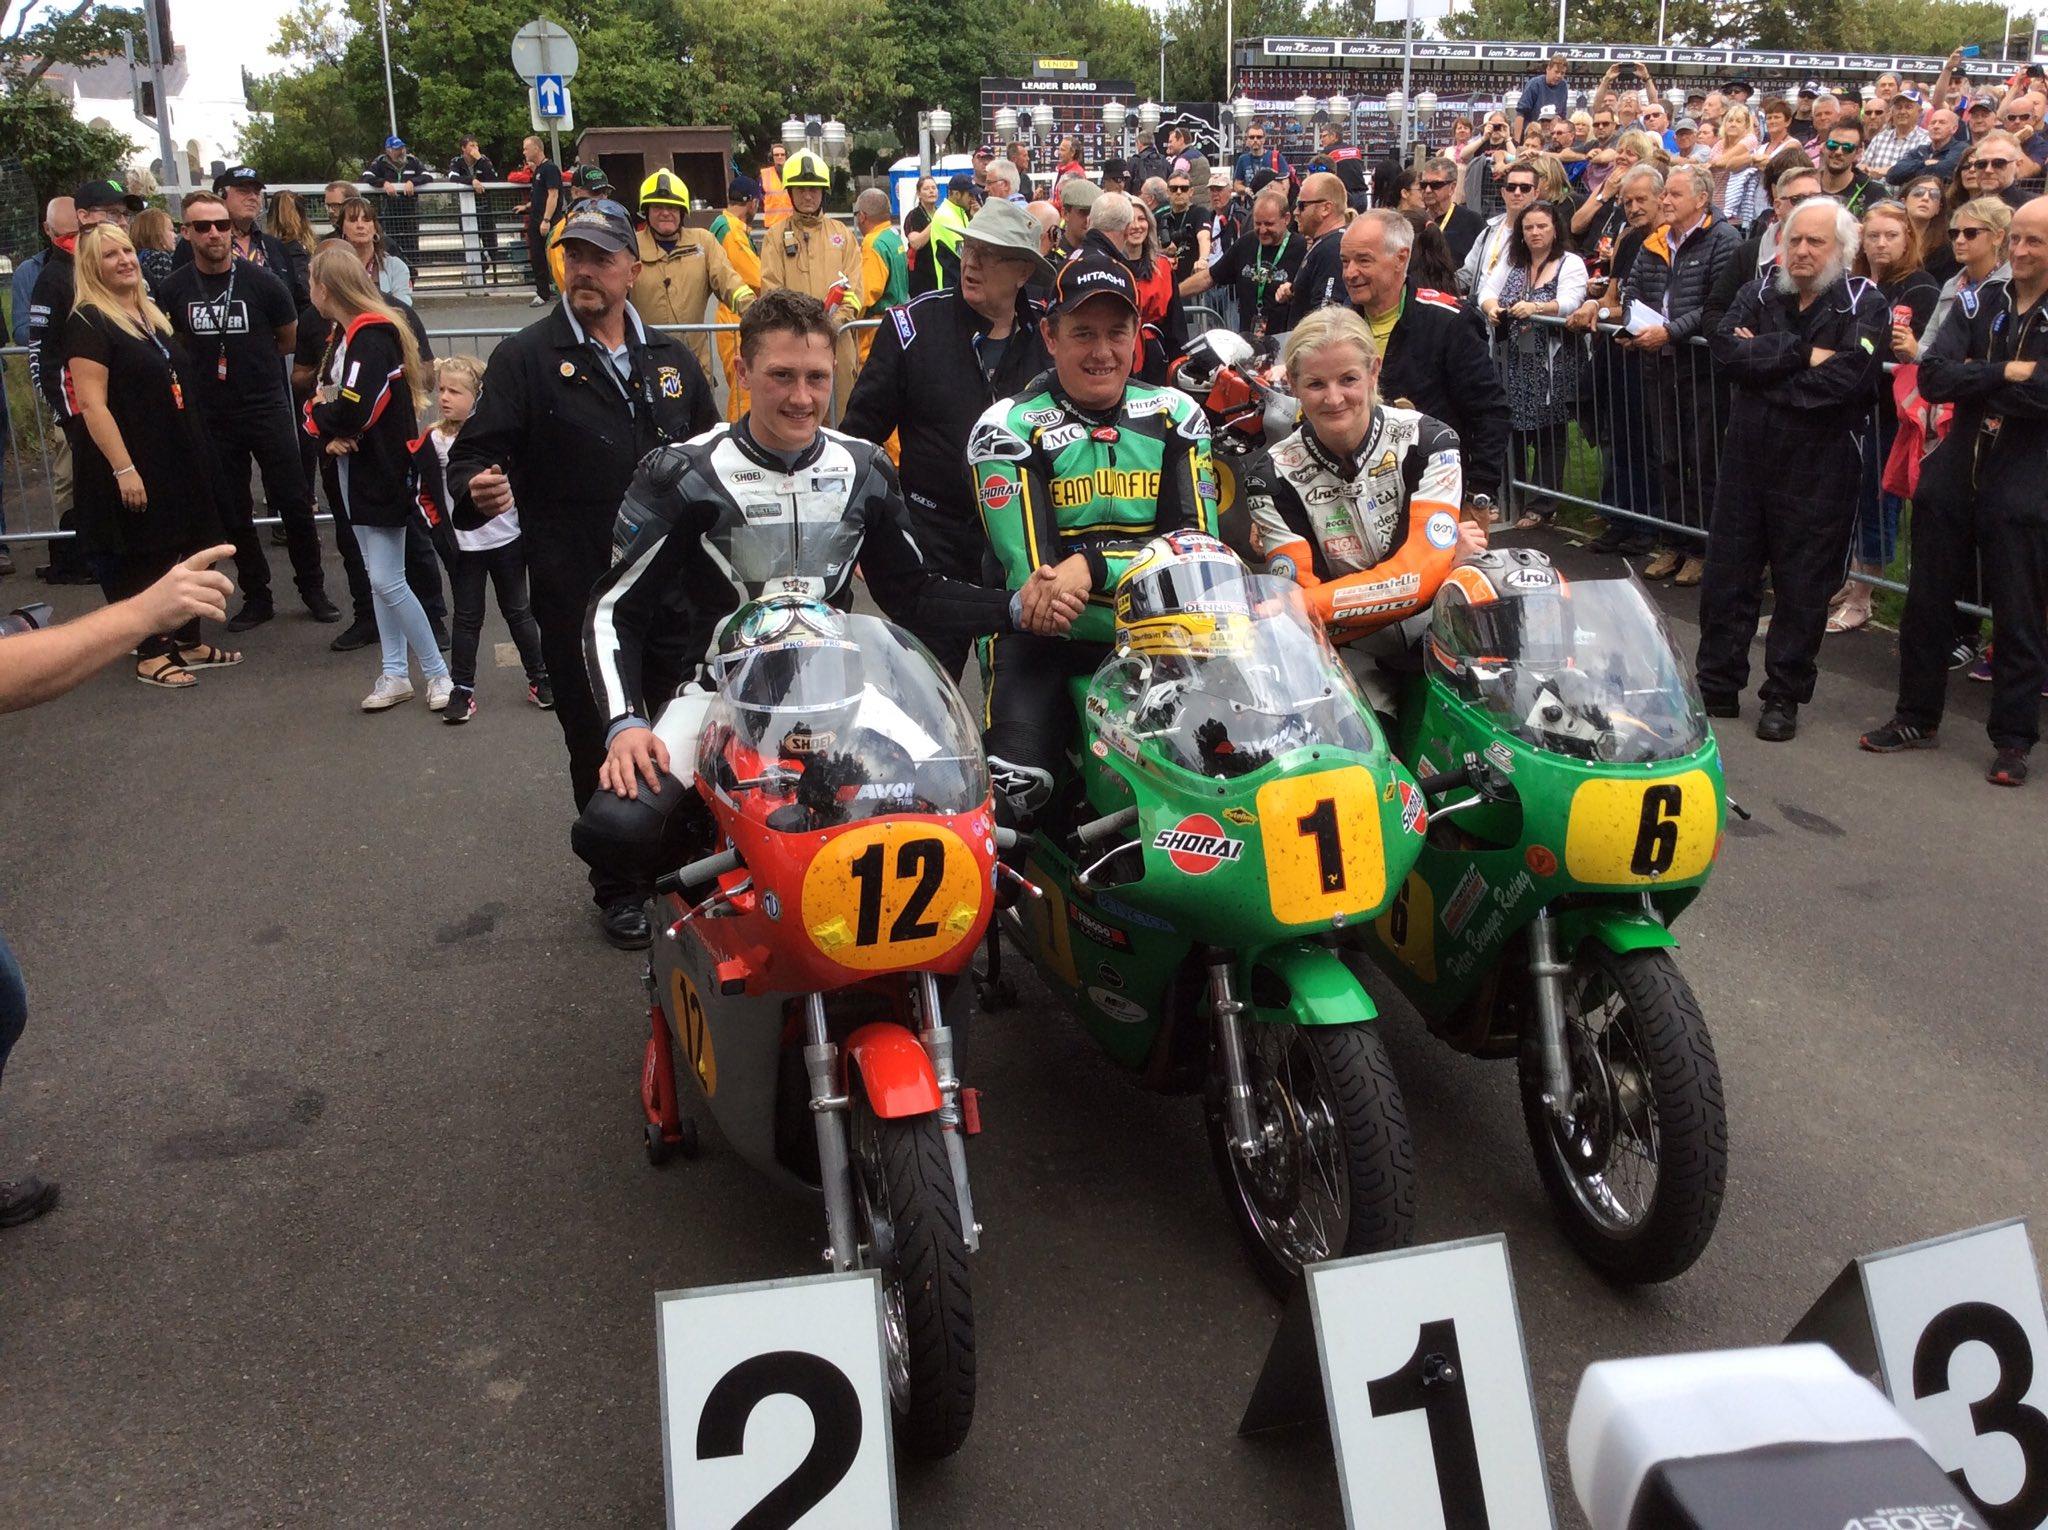 [Road Racing] CLASSIC TT ET MANX GRAND PRIX 2016 - Page 2 Cq3awauWgAA1tjc